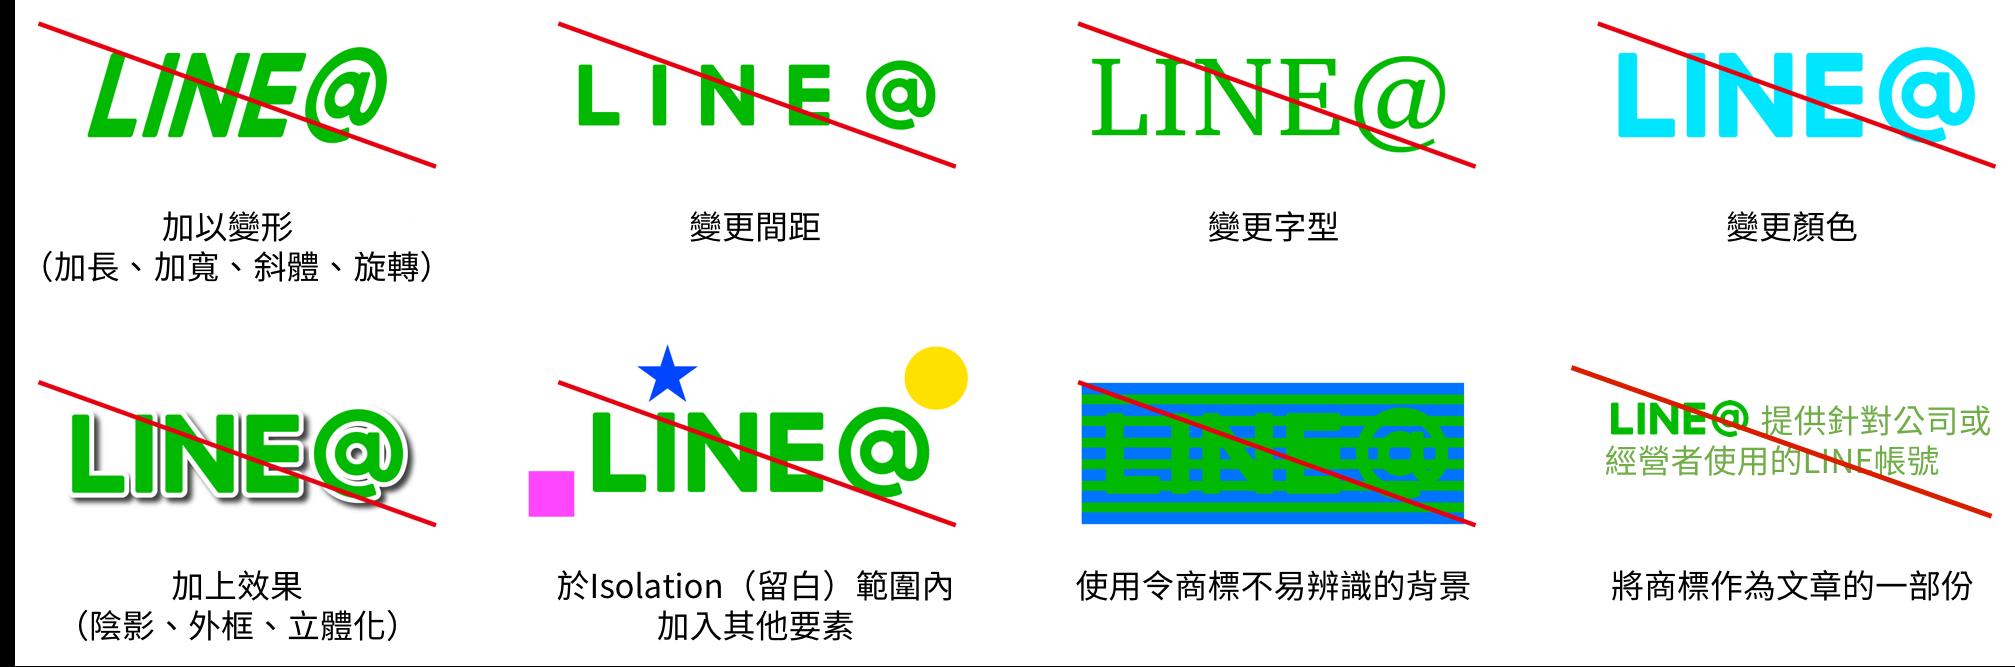 禁止事項、加以變形、變更間距、變更字型、變更顏色、加上效果、於Isolation(留白)範圍內加入其他要素、使用令商標不易辨識的背景、將商標作為文章的一部份